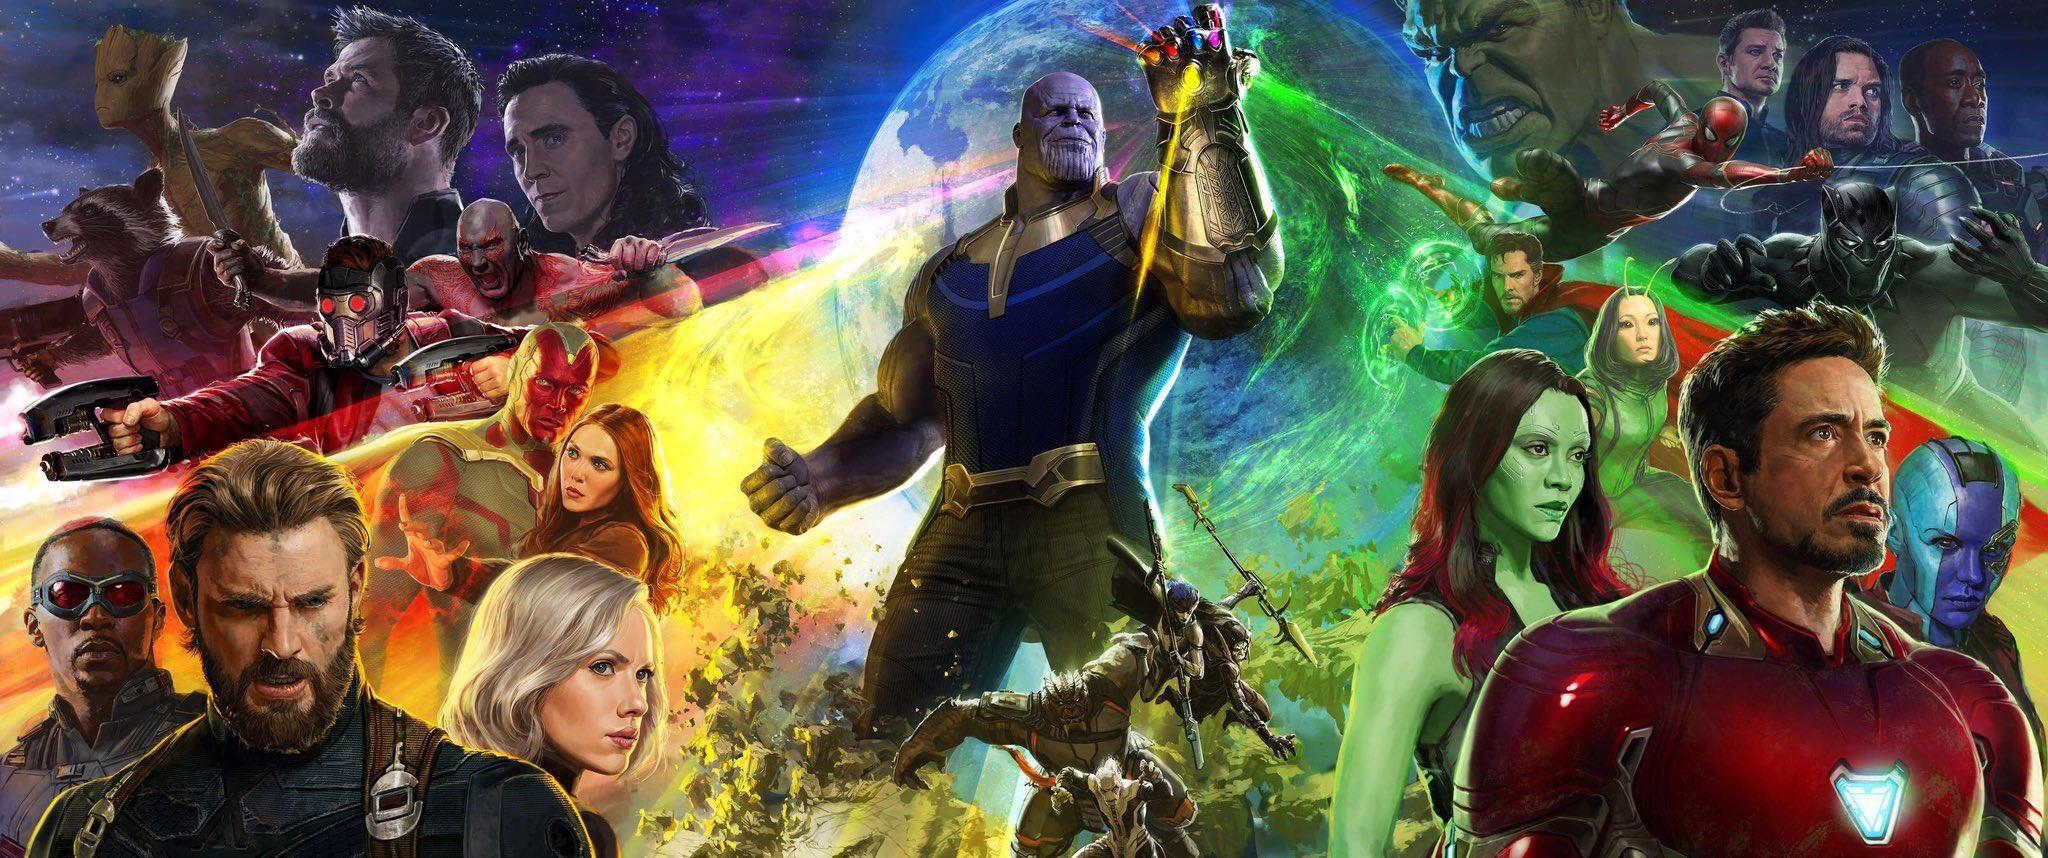 avengers_infinity_war_full_poster_1